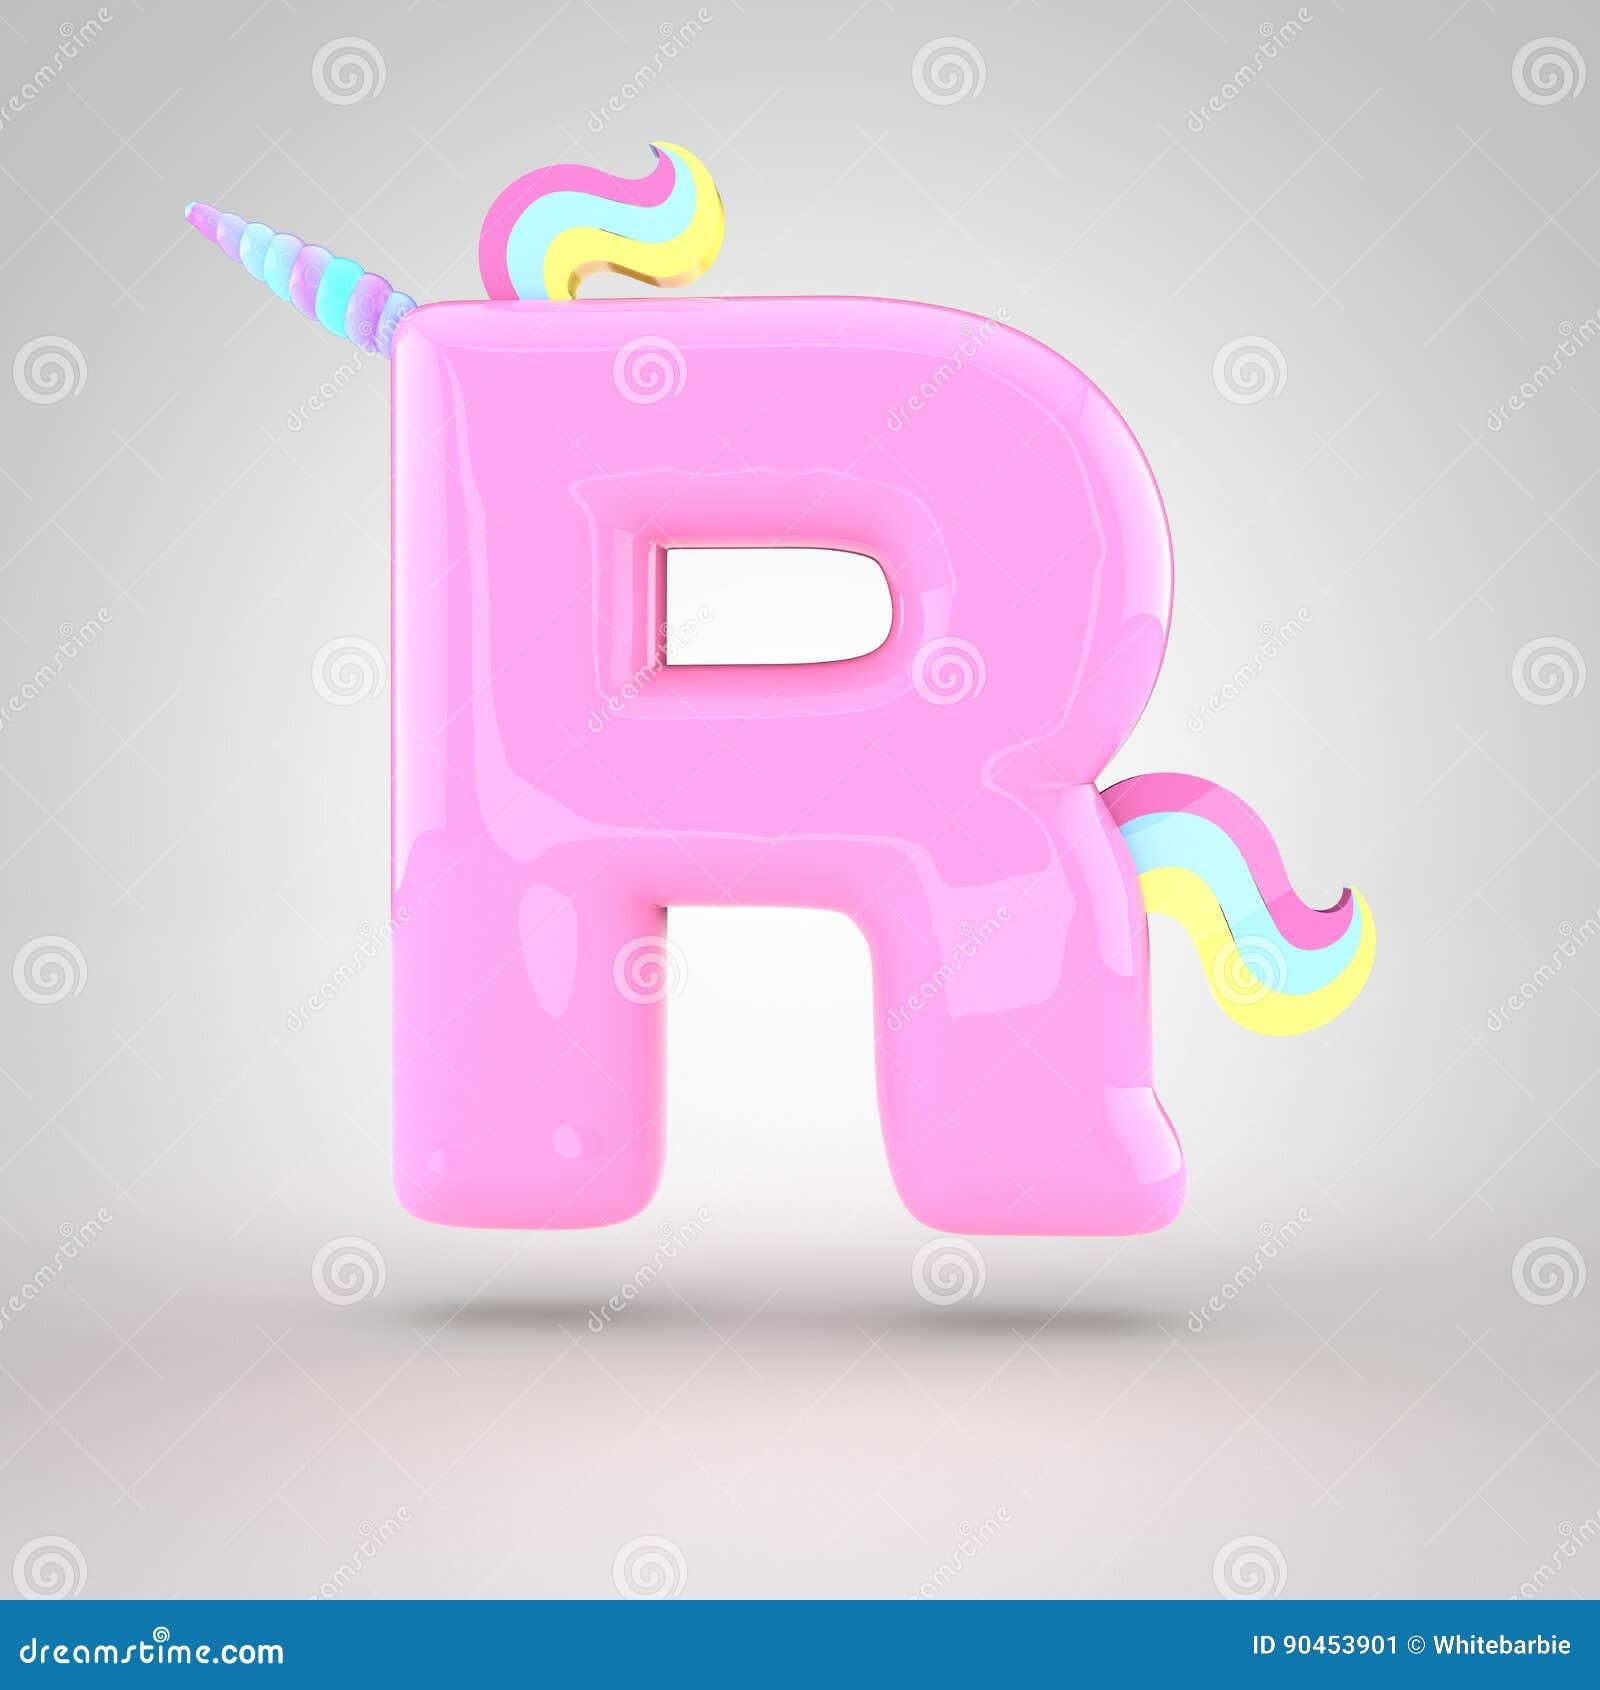 R herfi rengli sorğusuna uyğun şekilleri pulsuz yükle, bedava indir